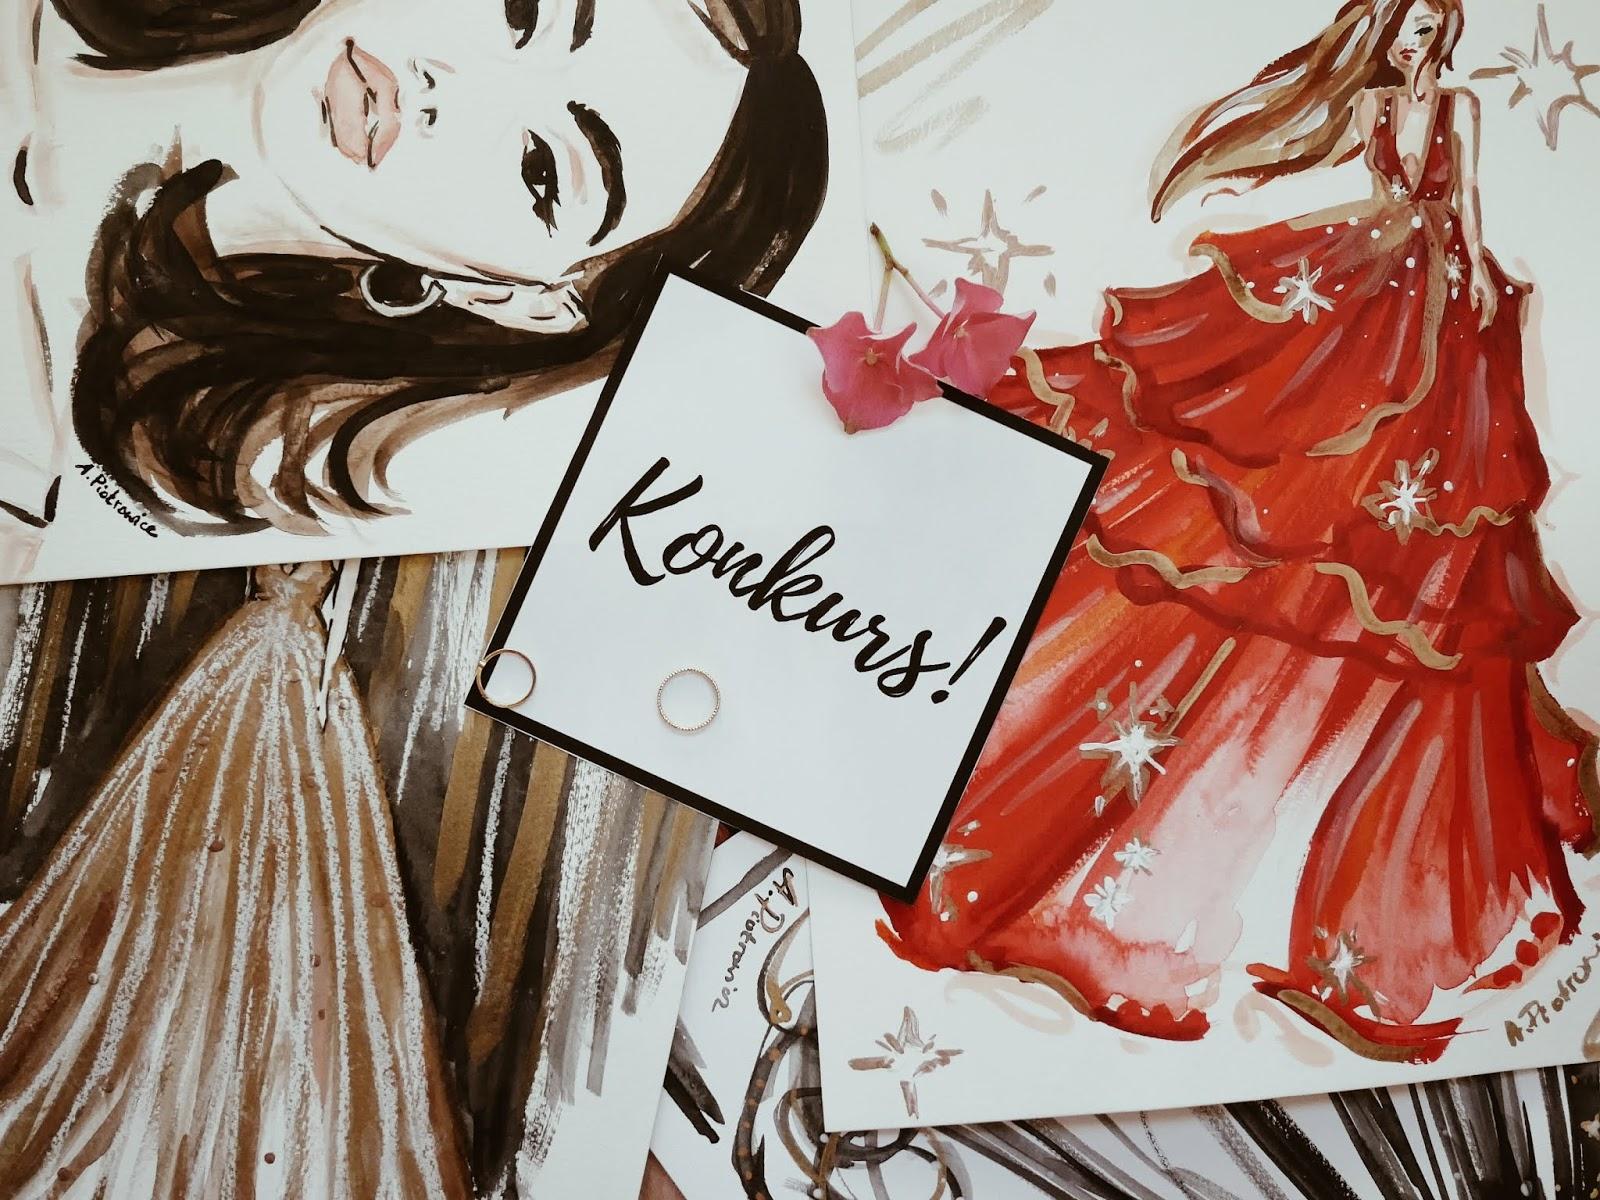 Konkurs: wygraj spersonalizowaną ilustrację mody!